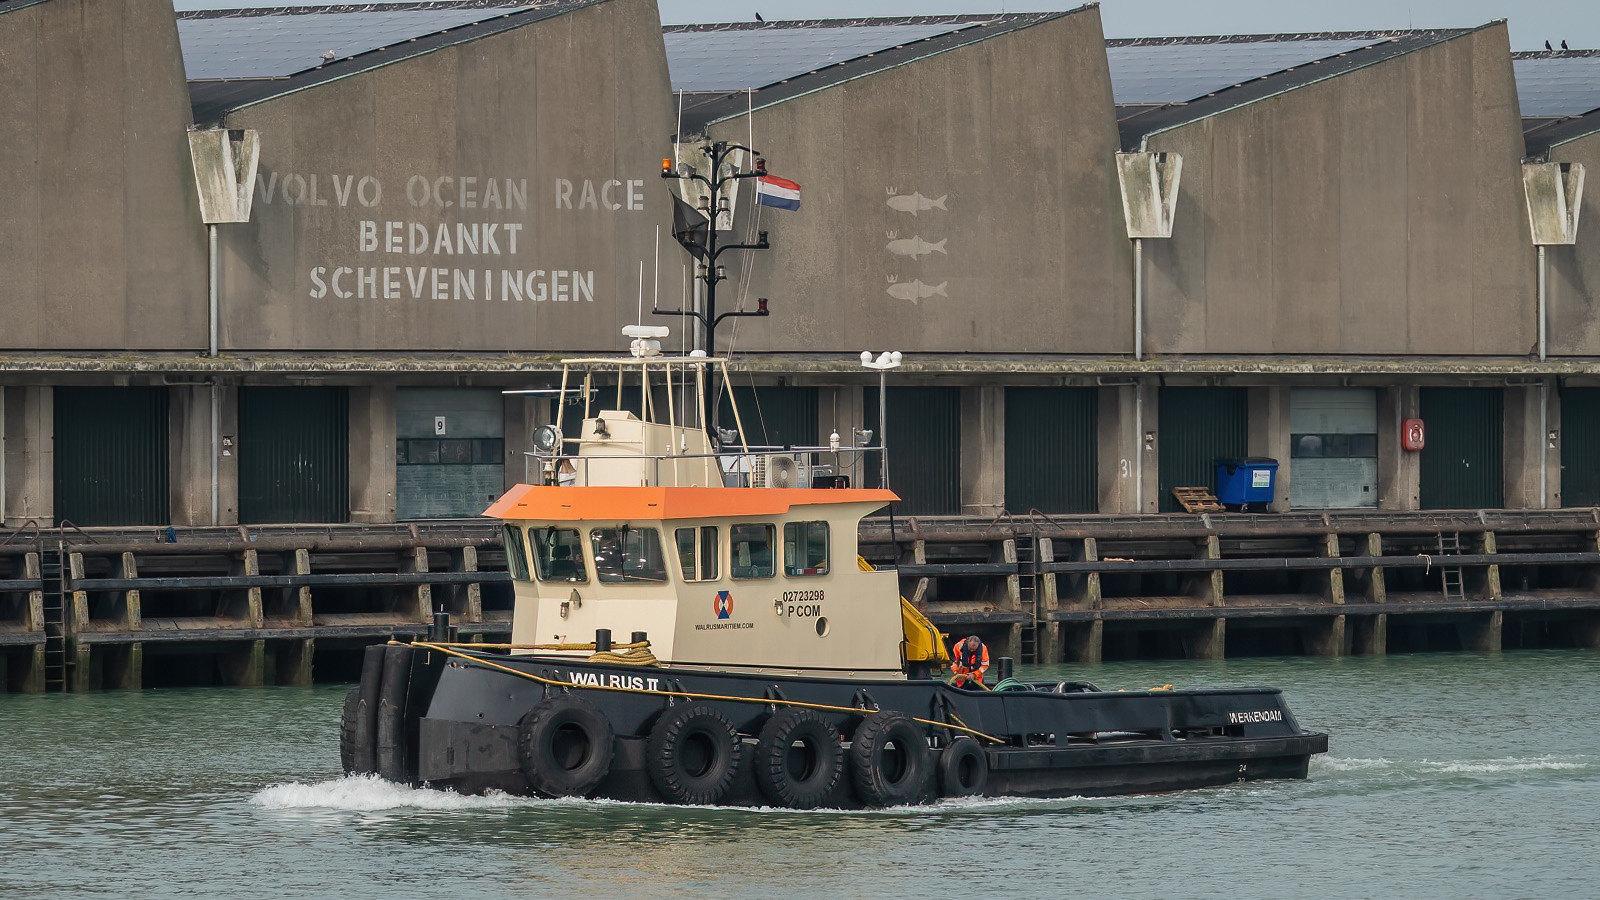 Walrus II